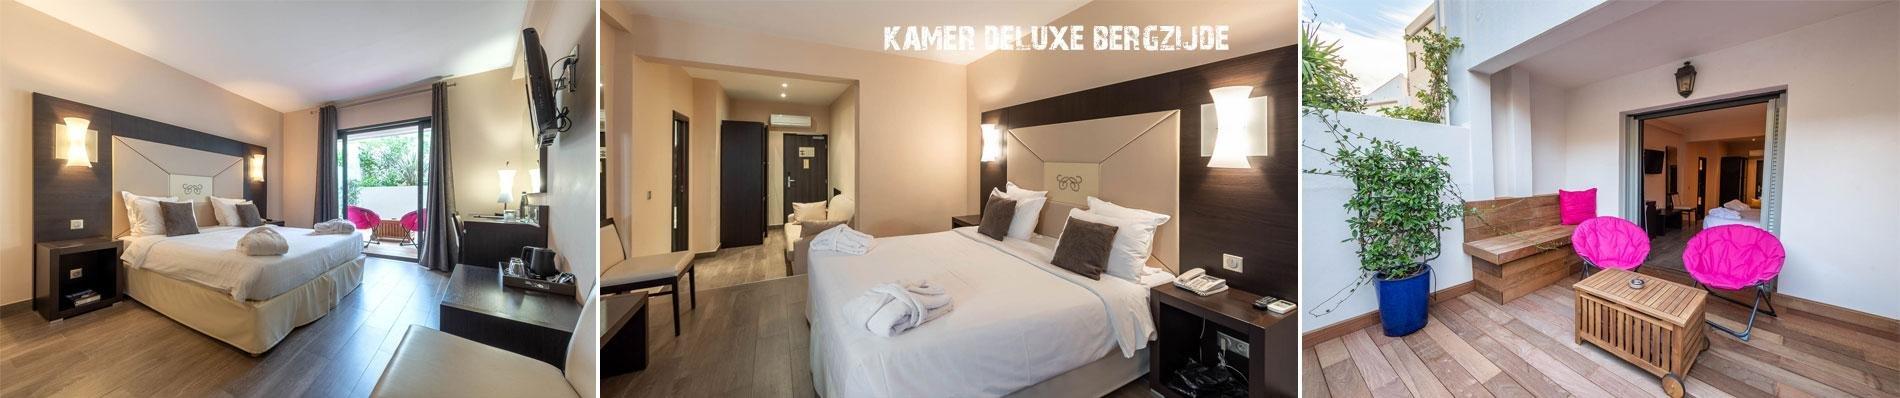 hotel casa di ma chez charles lumio corsica balagne